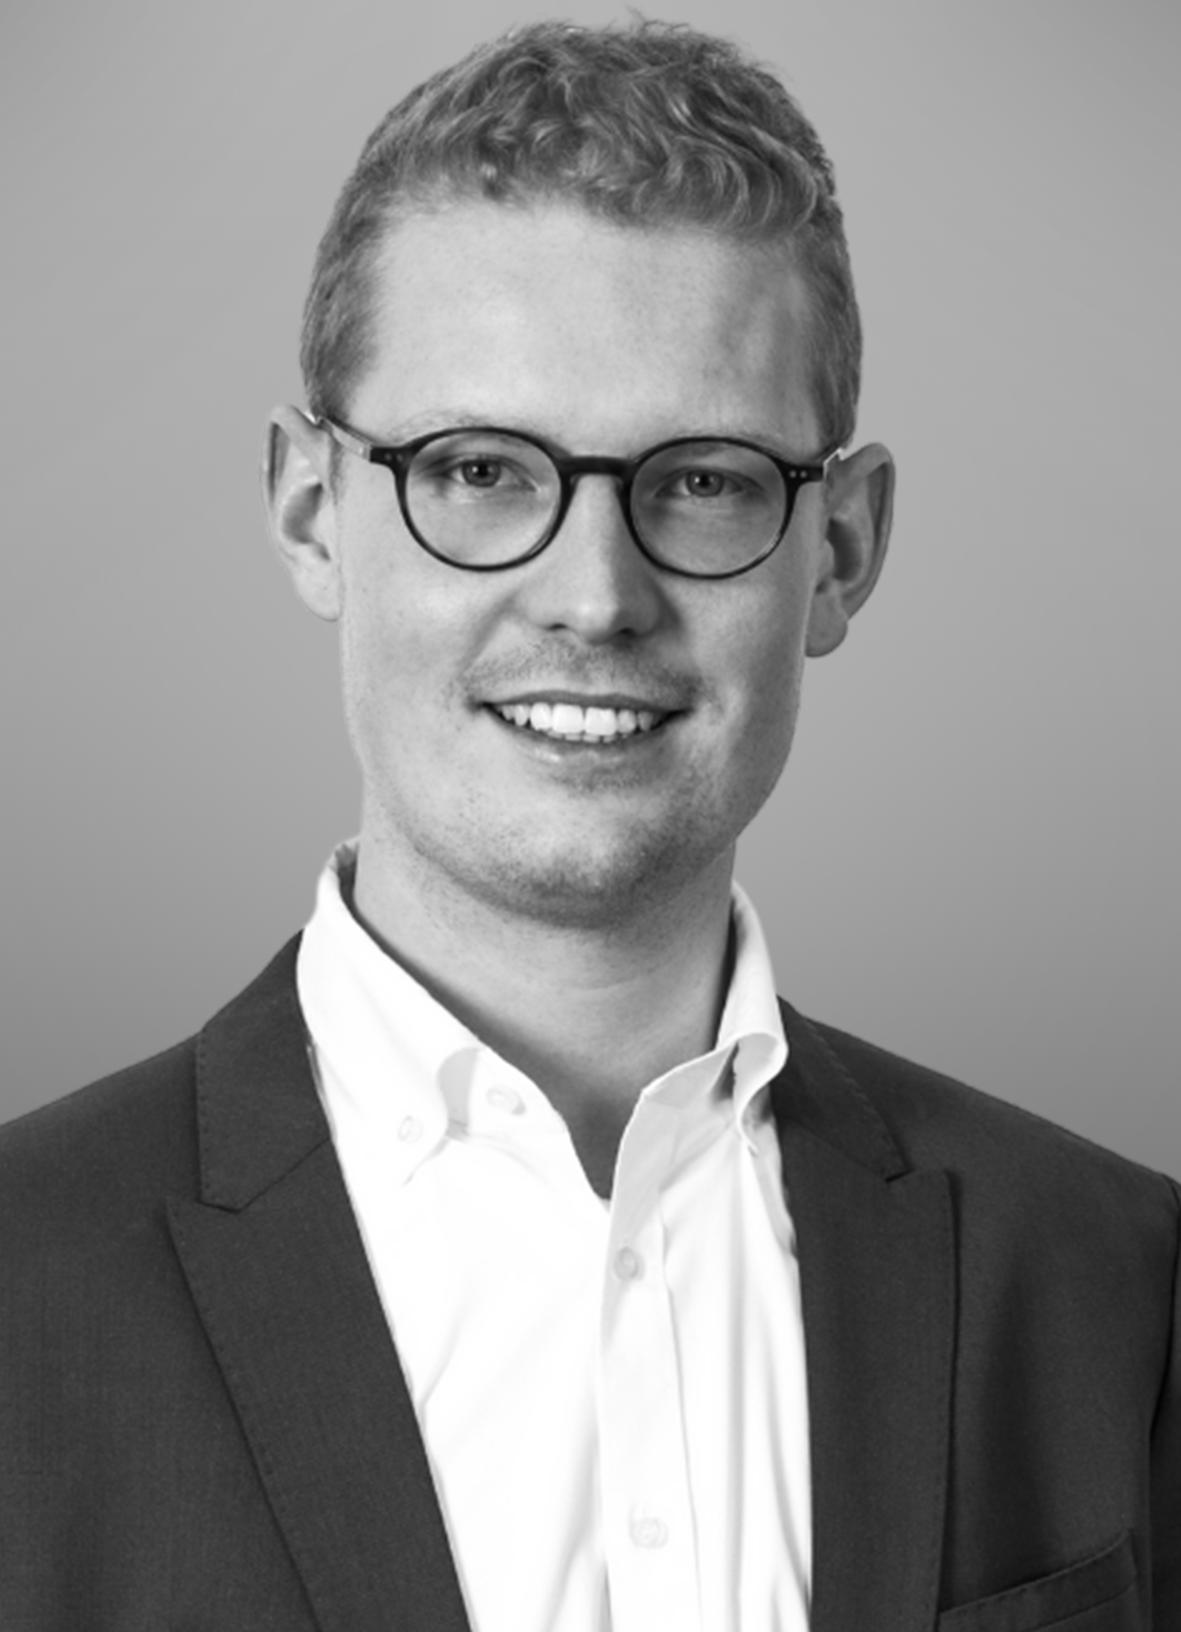 Matthias Nils Bruske